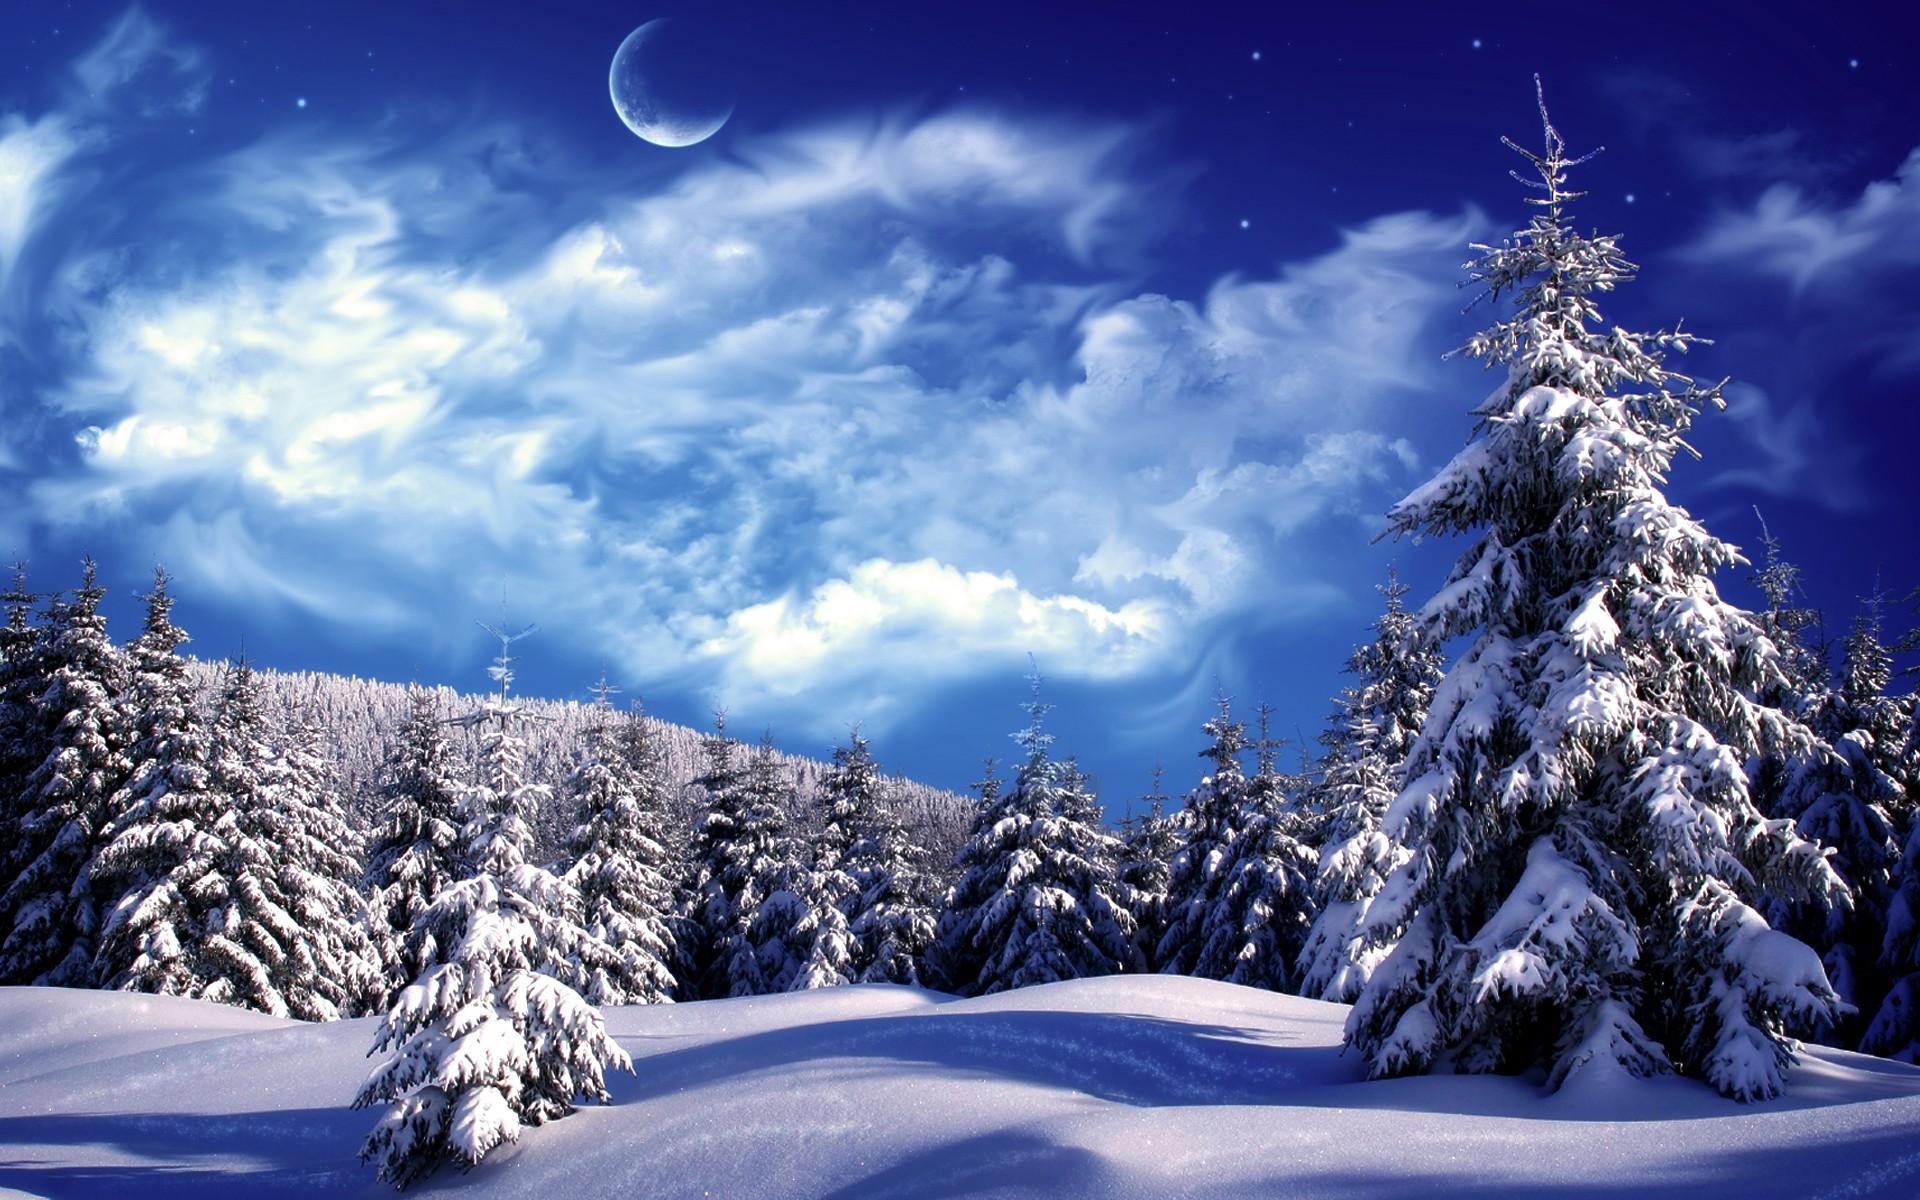 картинки зима для компьютера если чугунная труба